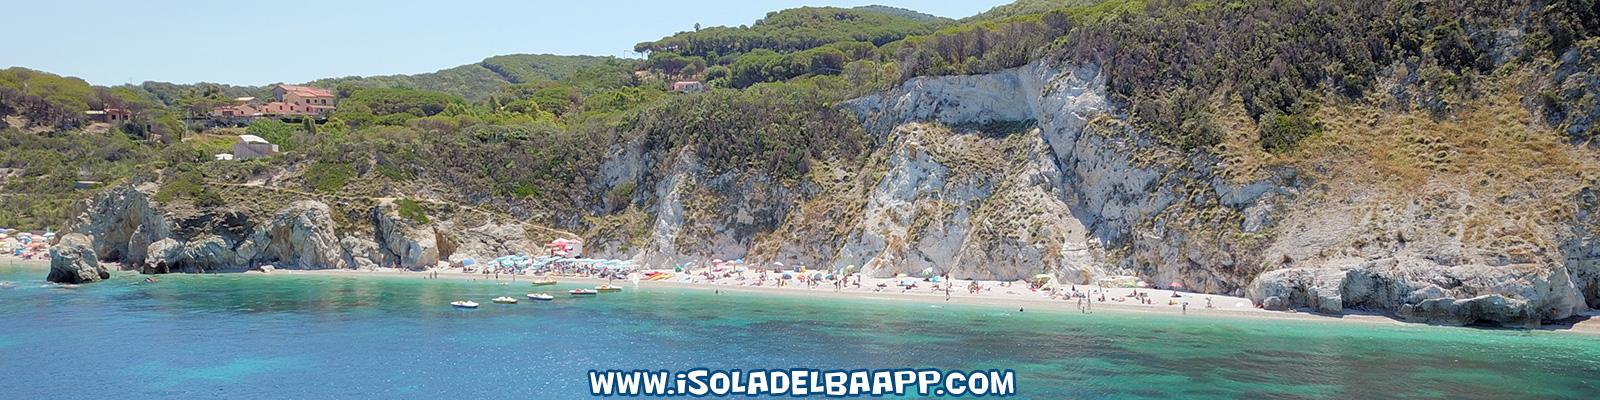 https://www.isoladelba.toscana.it/images/isoladelba.jpg